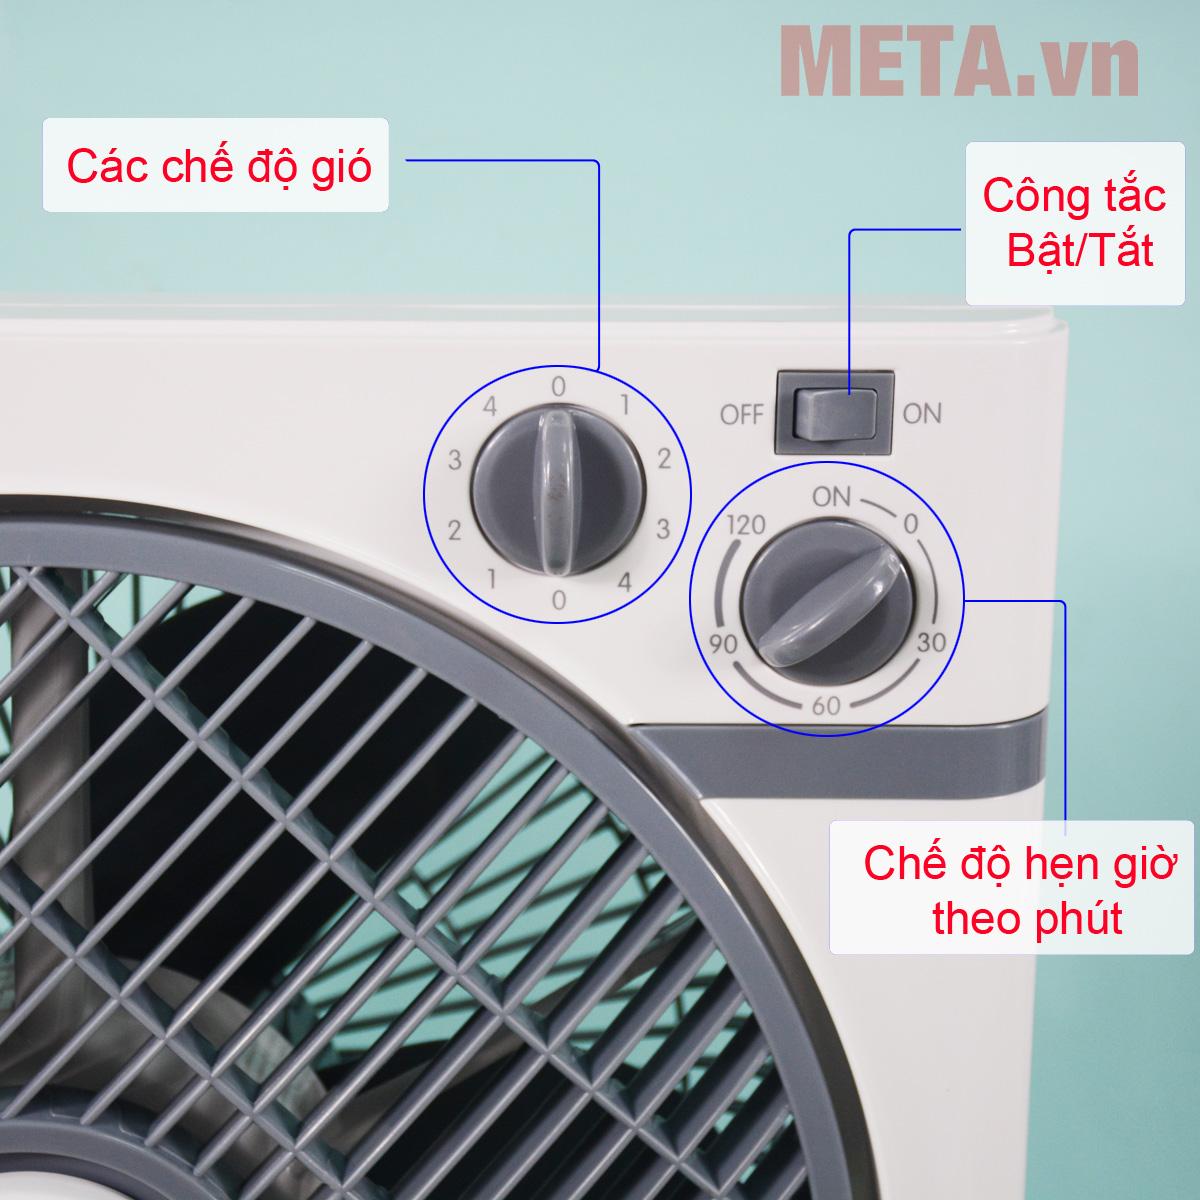 Quạt hộp Midea KYT30-15A điều chỉnh tốc độ gió và hẹn giờ bằng núm vặn